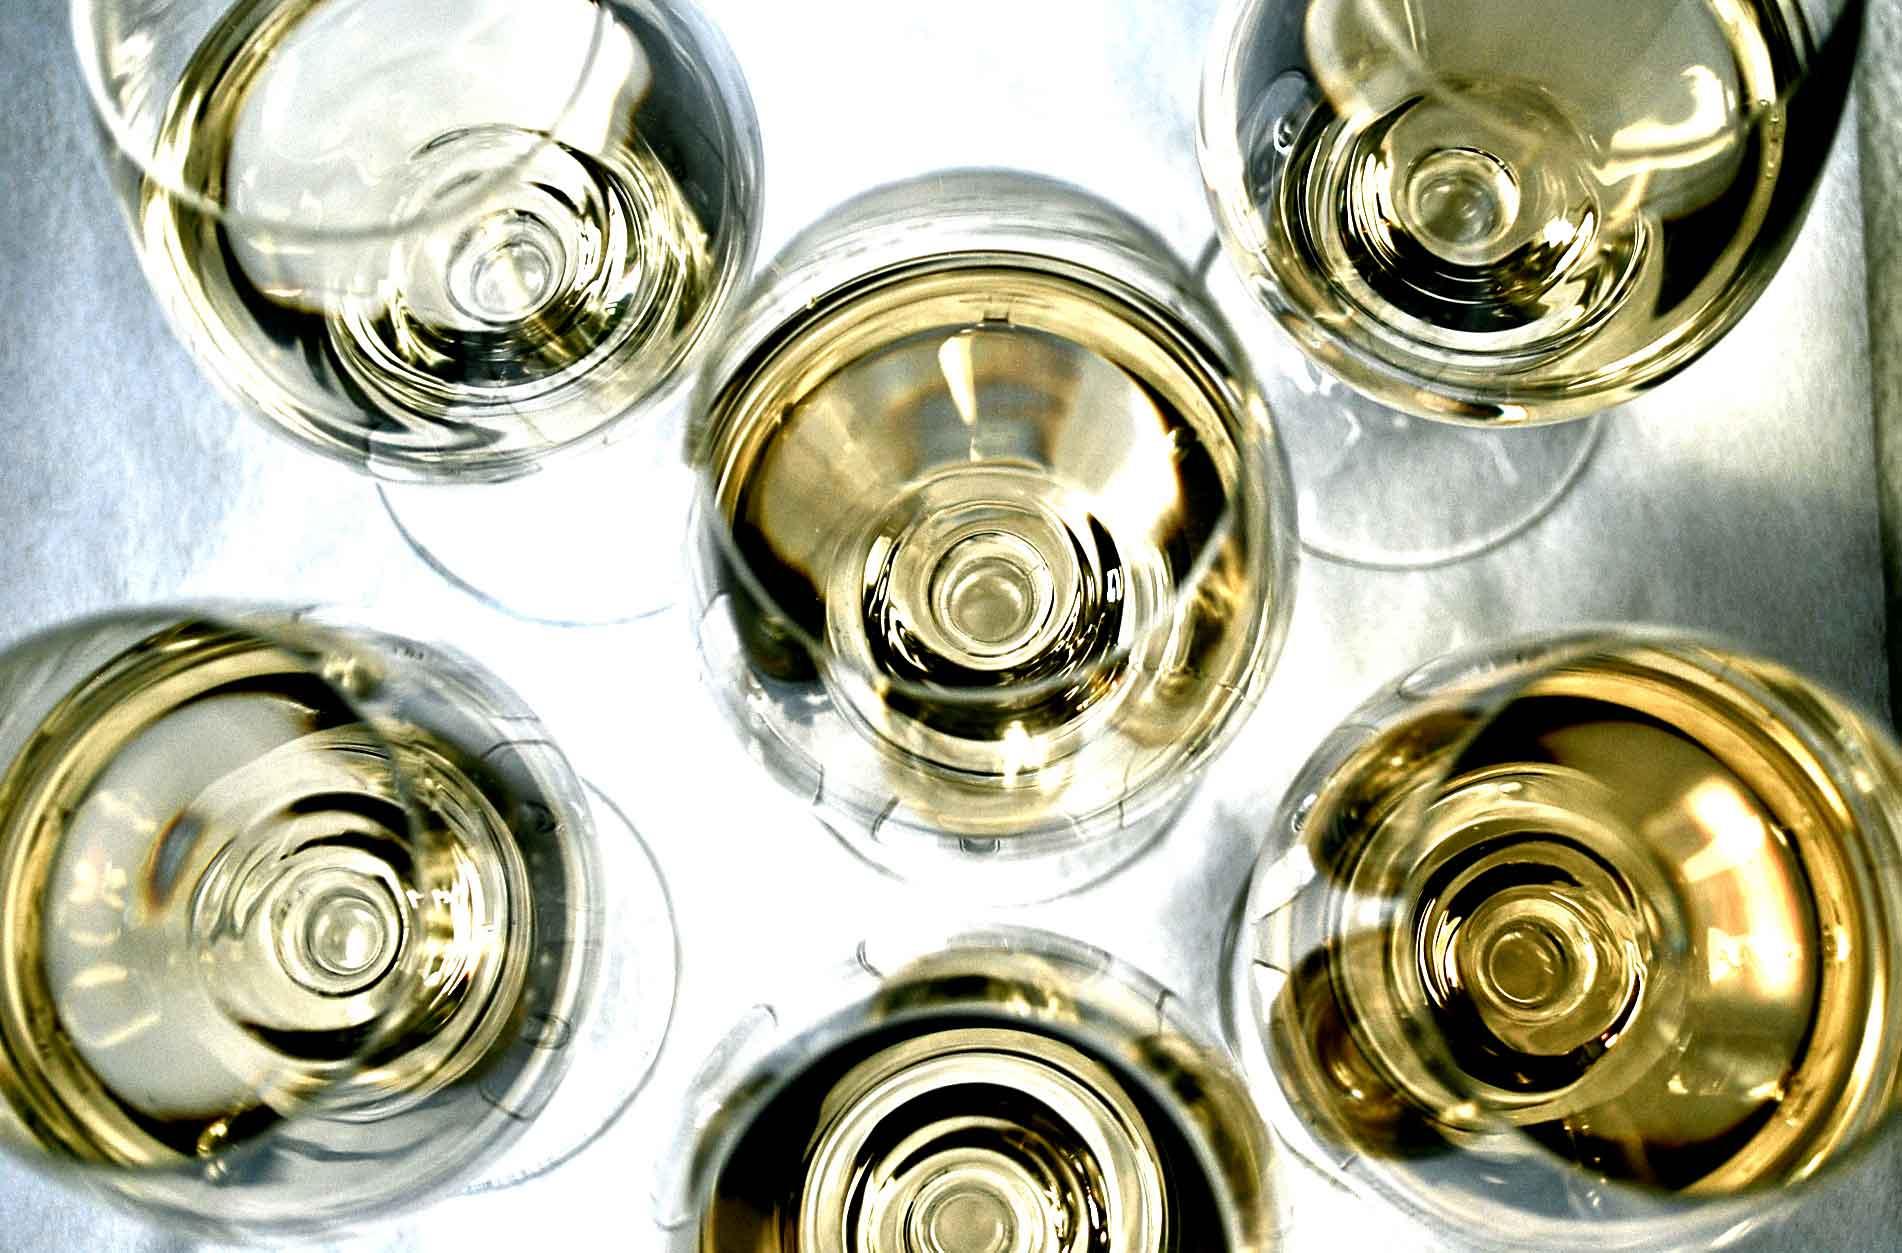 Vinextenso - Organisation d'événements autour du vin